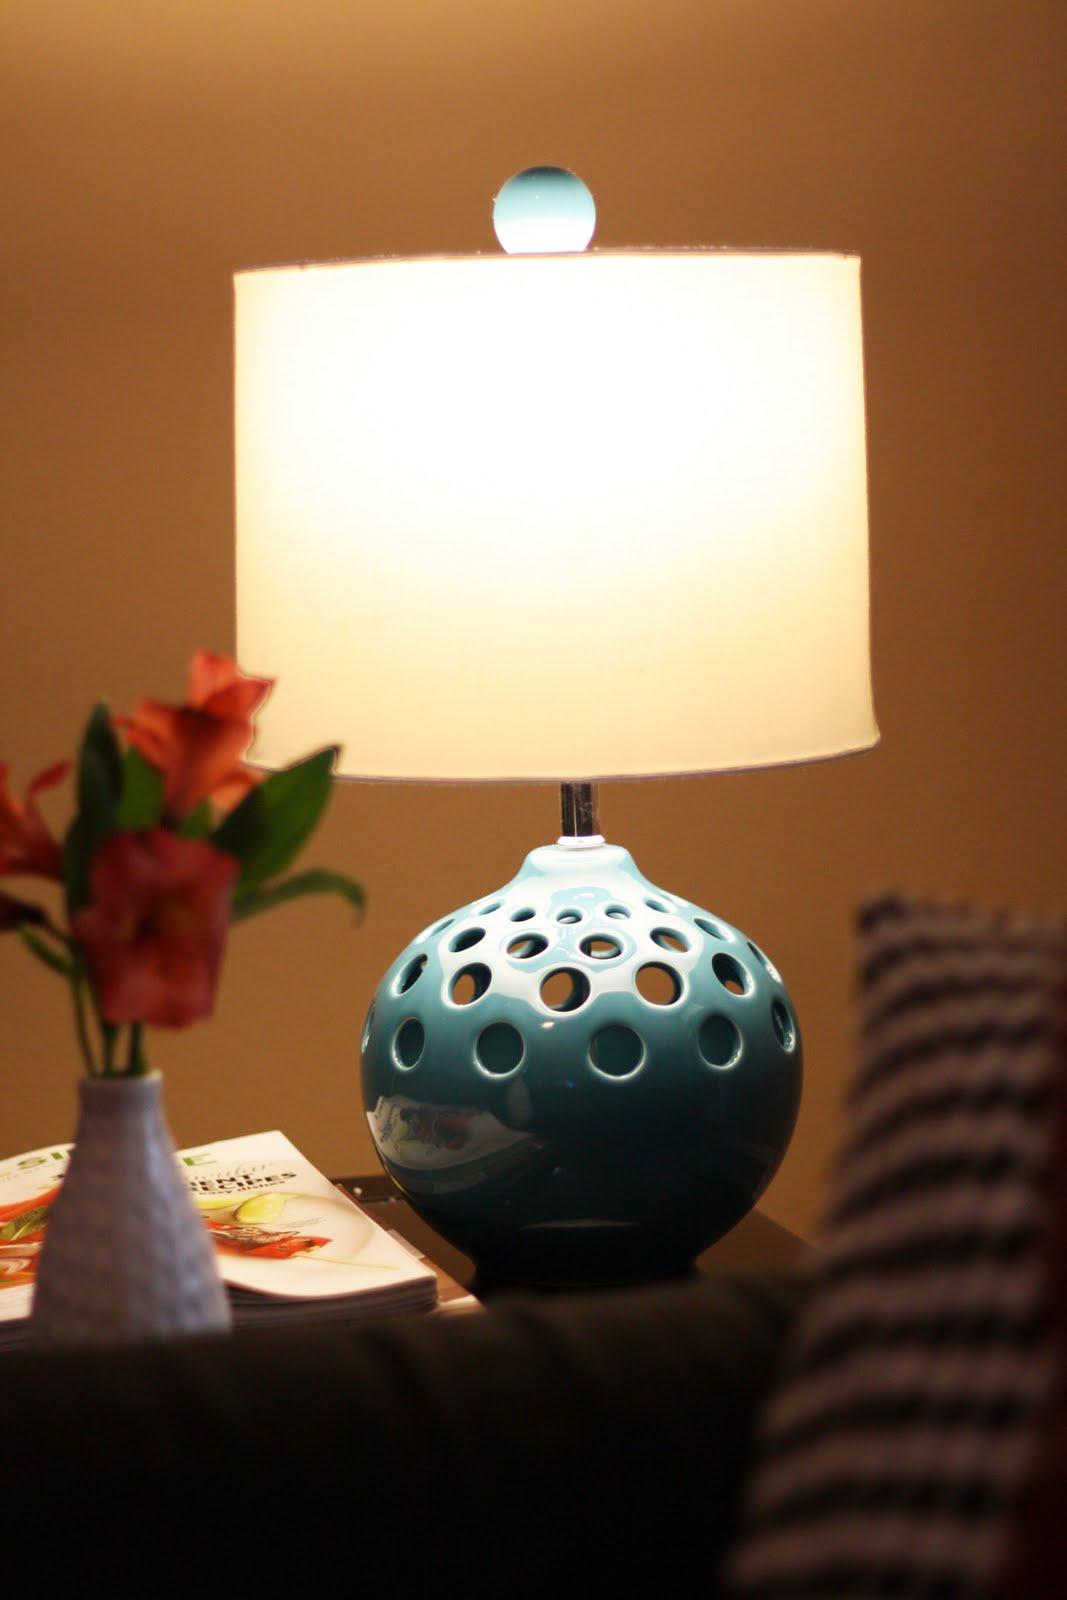 Broyhill Lamps At Tj Maxx - Infotelanjang.t15.org